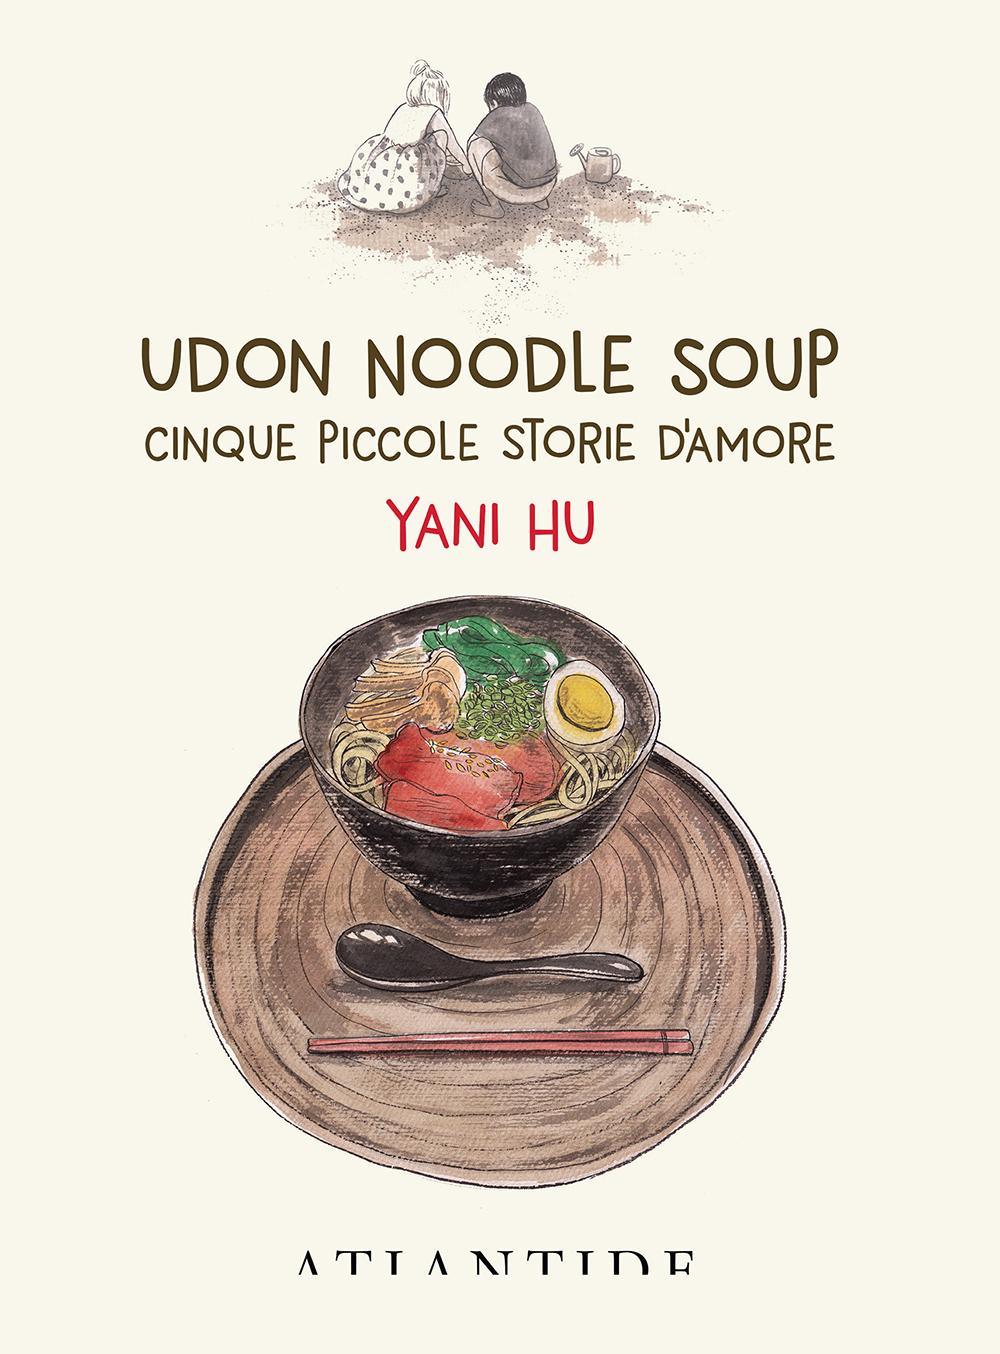 Udon Noodle Soup. Cinque piccole storie d'amore